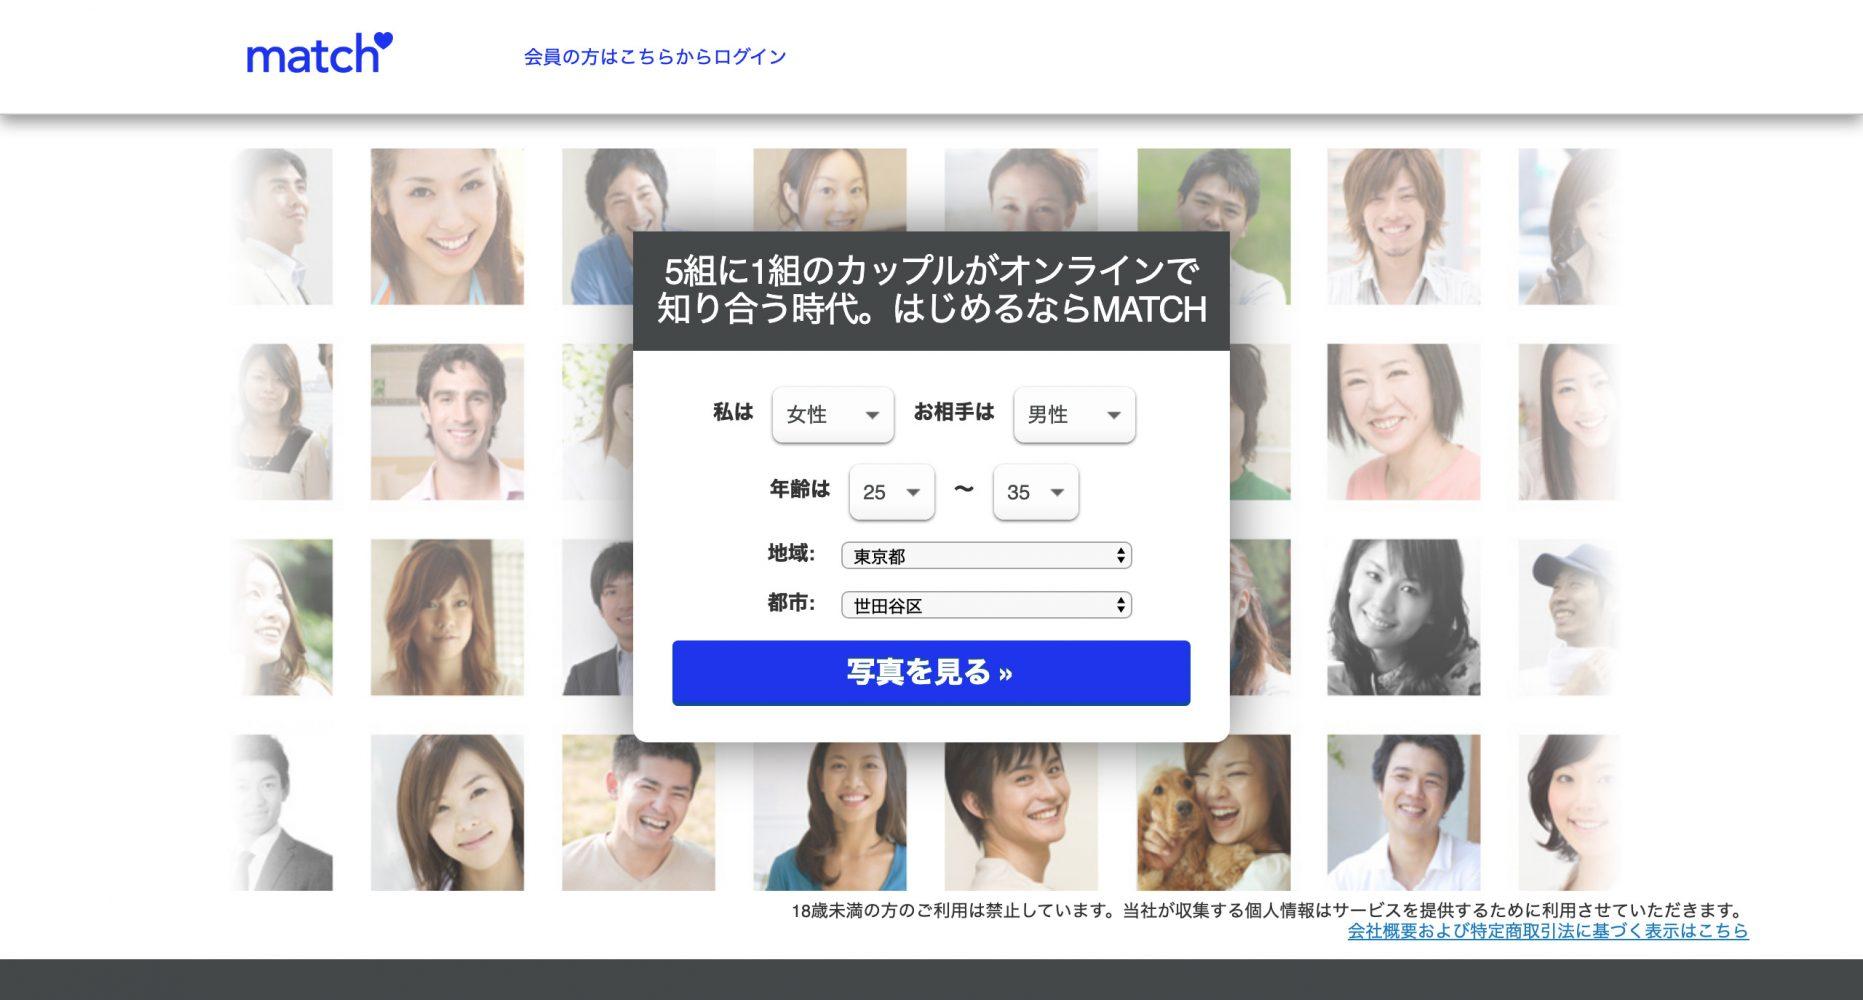 マッチ・ドットコム公式HPイメージ画像